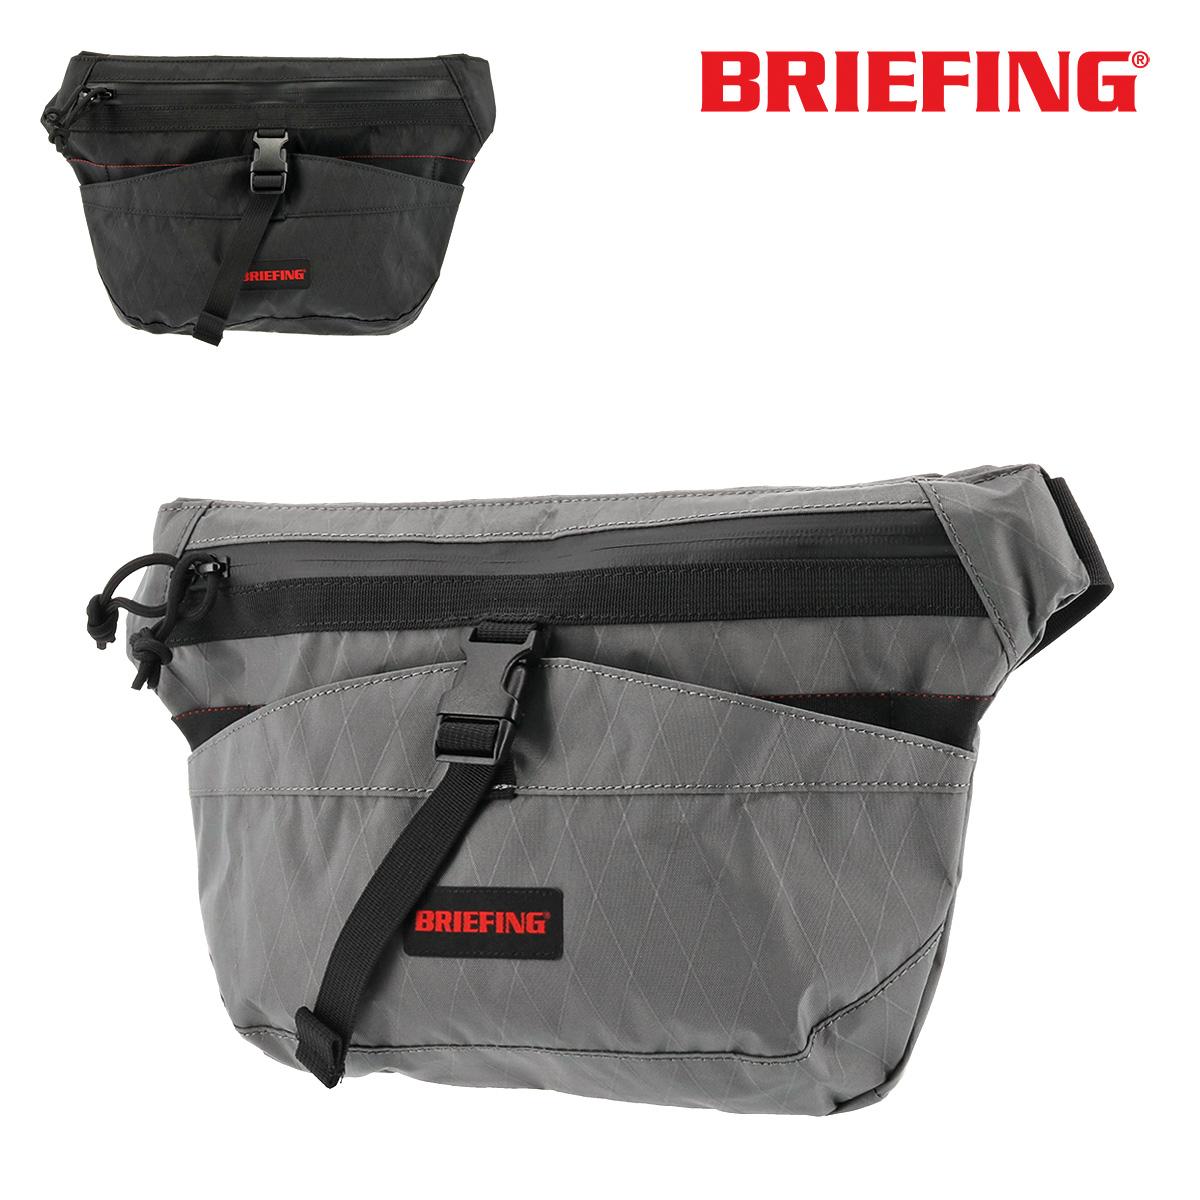 ブリーフィング ショルダーバッグ メンズ トランジションスクウェア XP BRM183211 BRIEFING 軽量 防水 コンパクト ナイロン[即日発送]